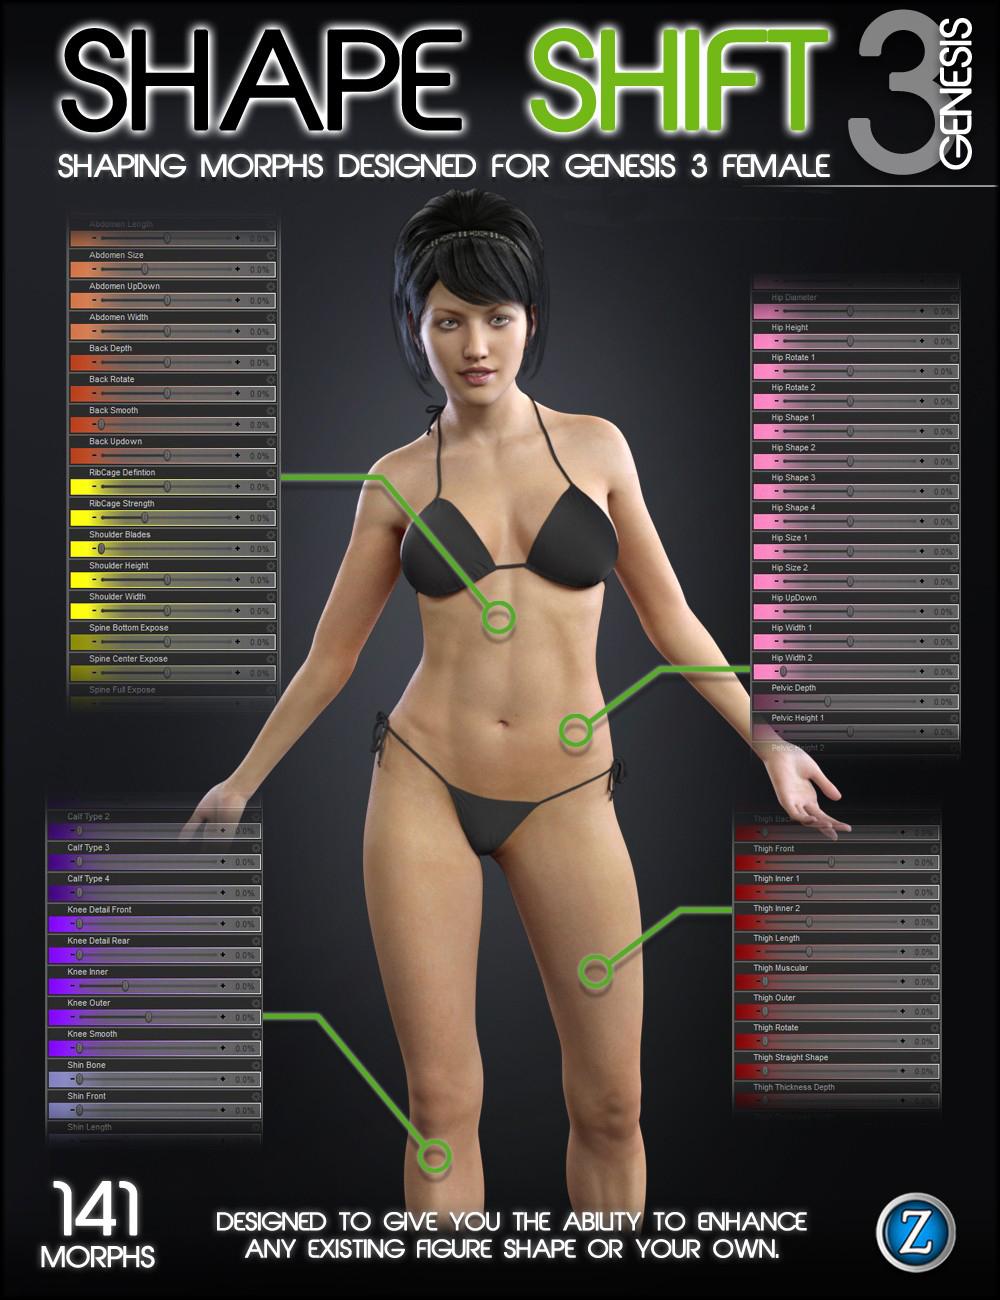 Shape Shift for Genesis 3 Female(s) by: Zev0, 3D Models by Daz 3D